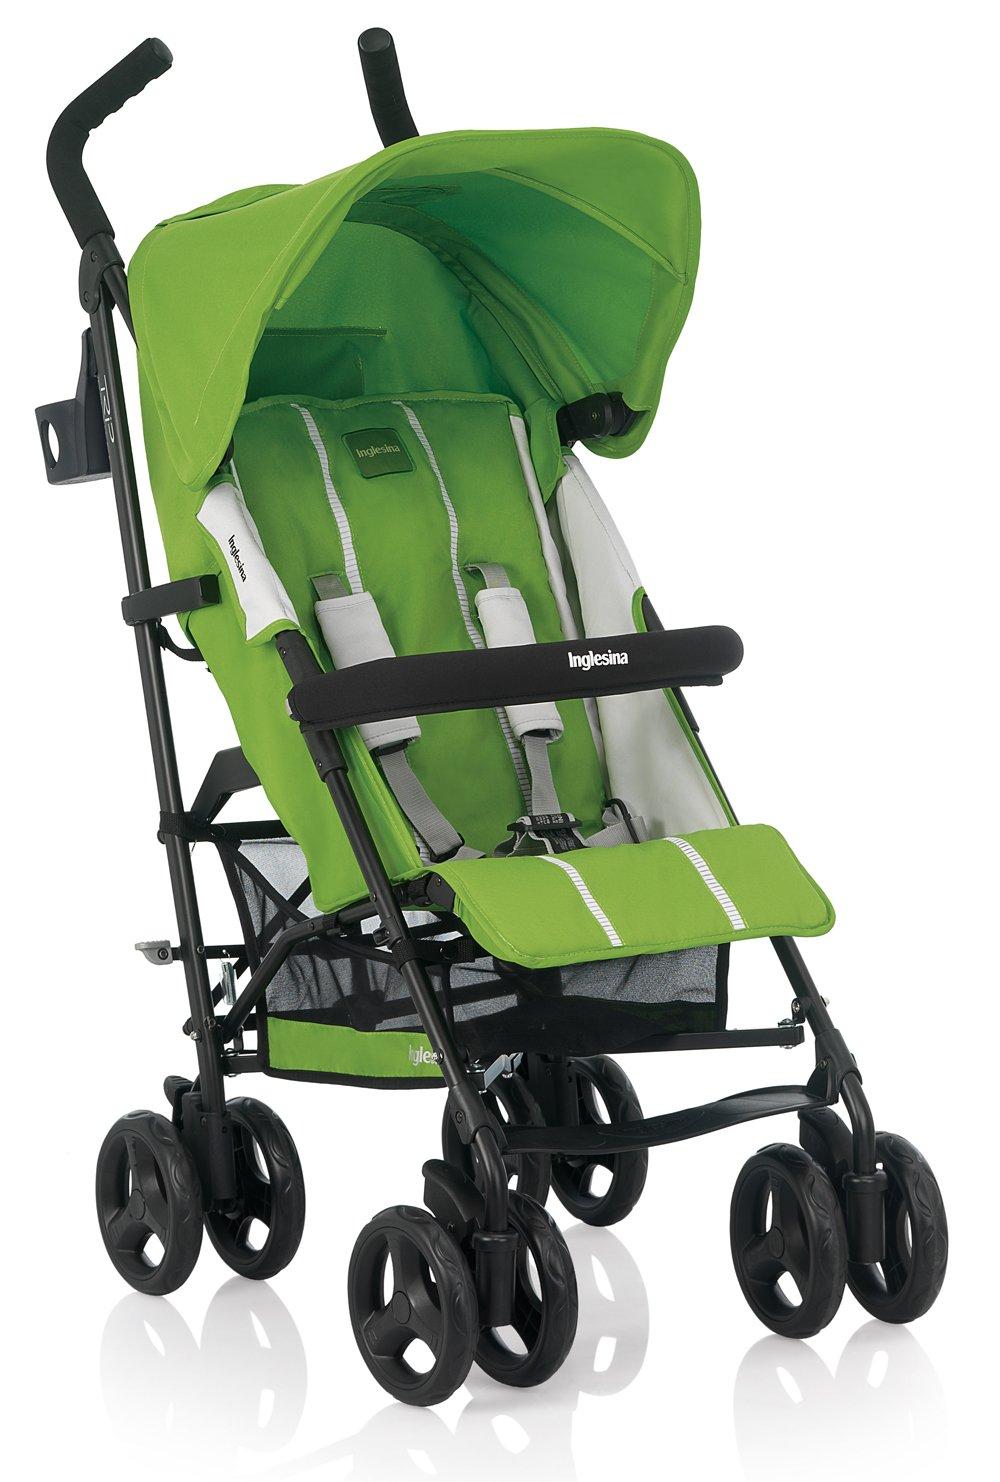 Inglesina AG82E0MLA - Silla de paseo Trip Mela, color verde